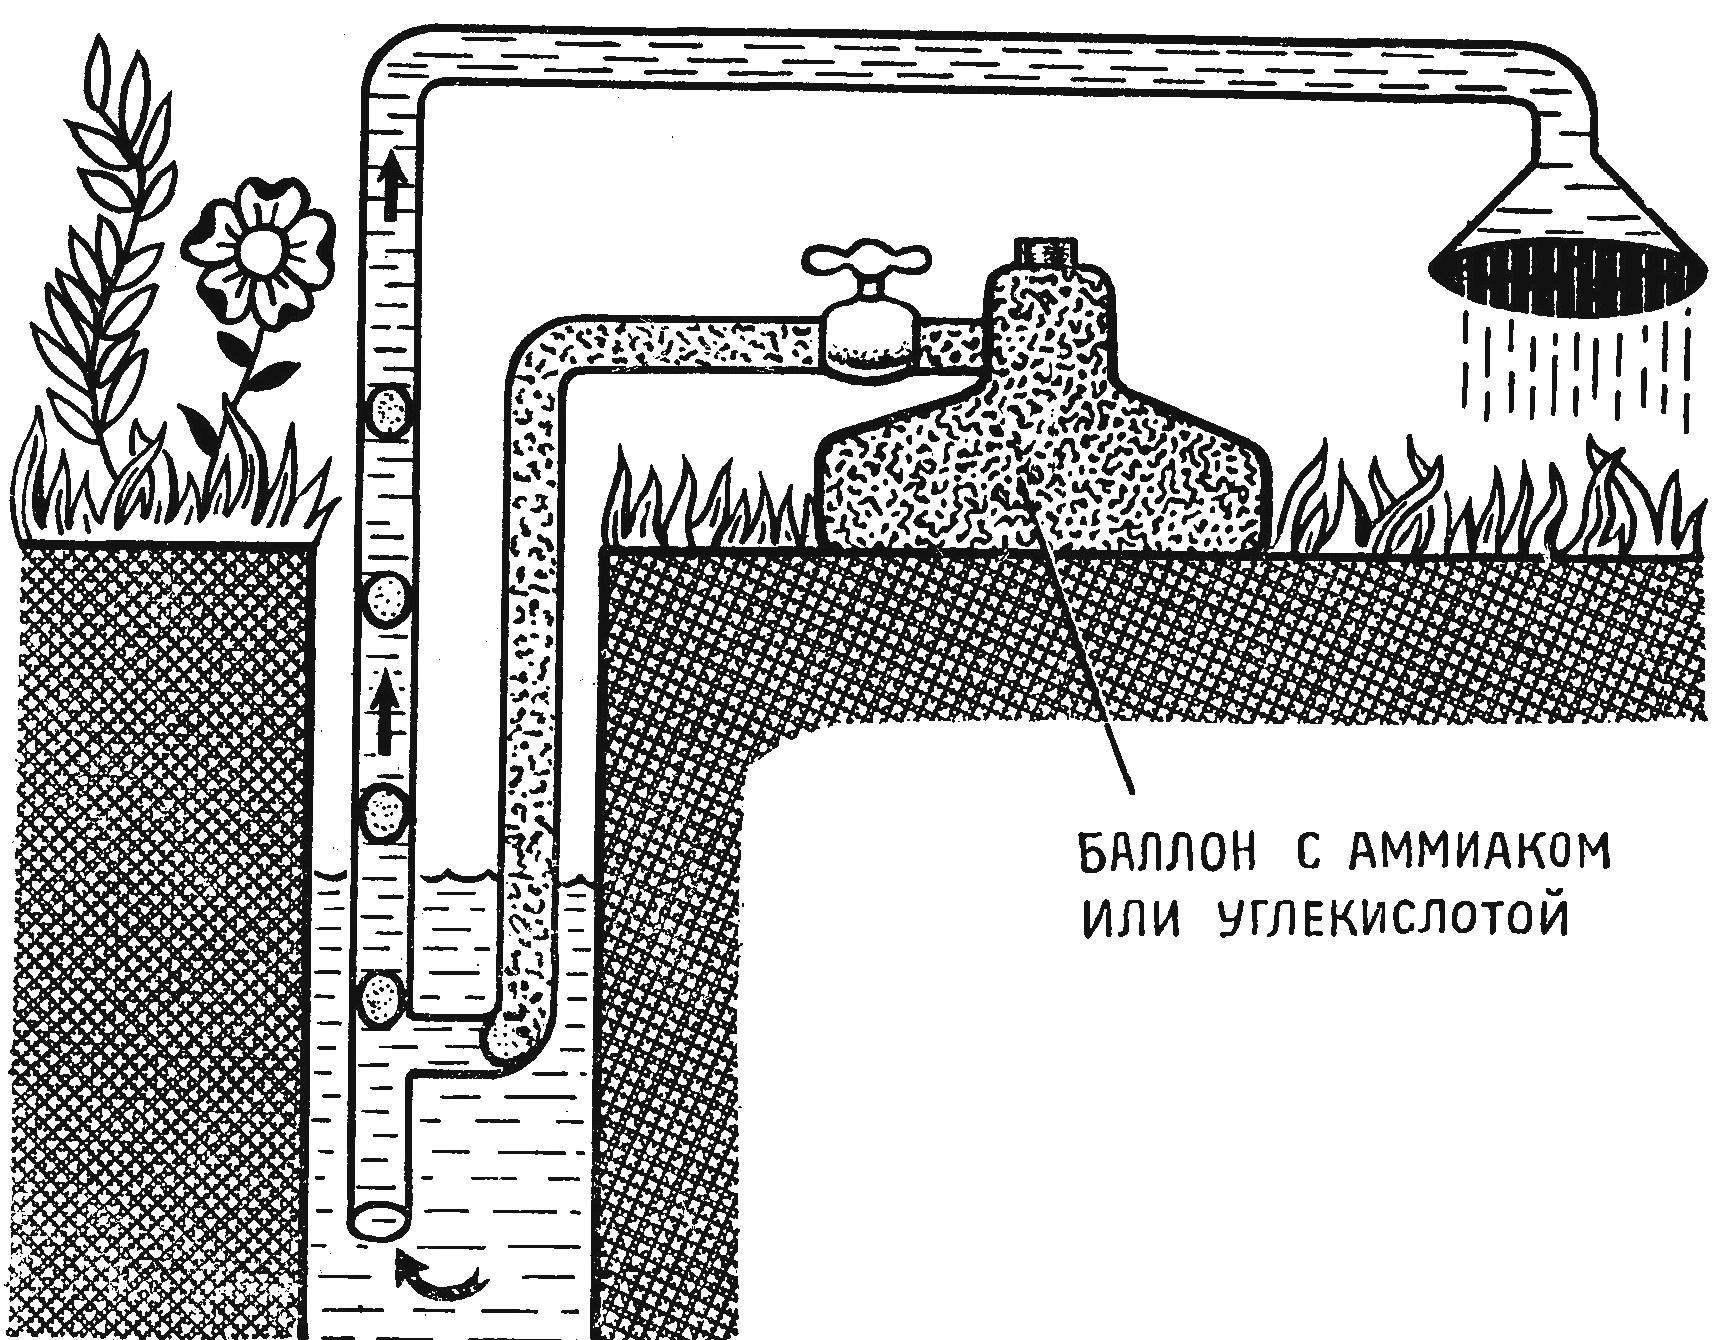 Рис. 2. Вариант водоподъемника с газовым баллоном.